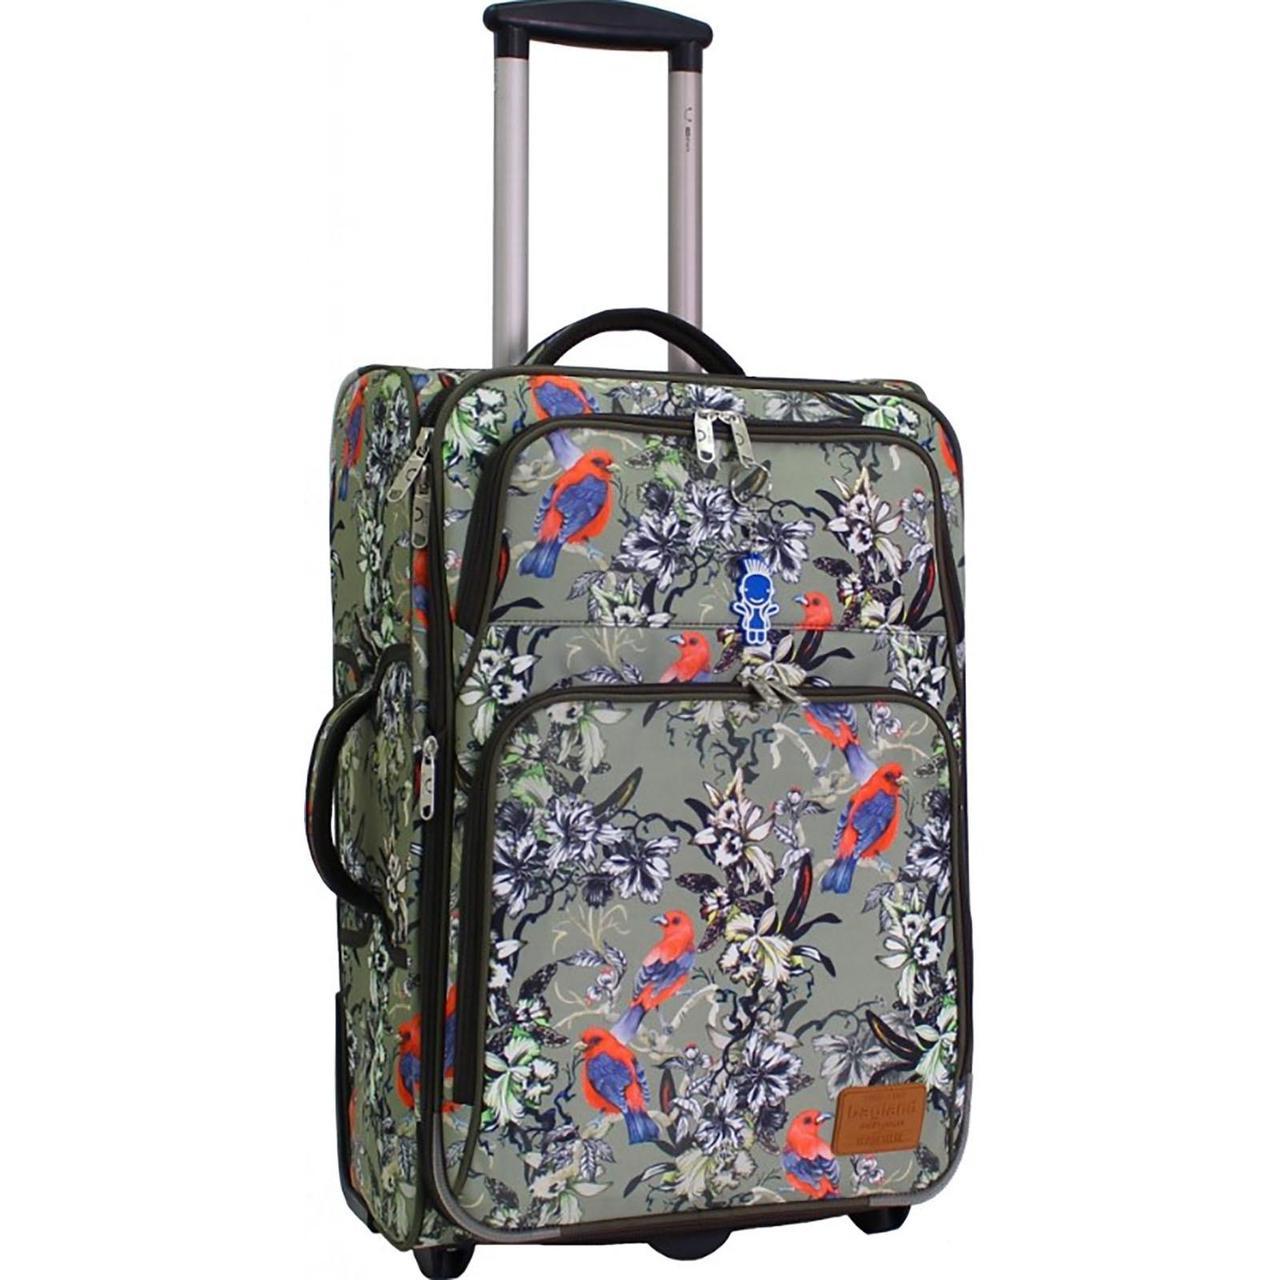 Чемодан дорожный средний, тканевый чемодан на колесах  Bagland Леон 51 л. сублімація 178 (0037666244)